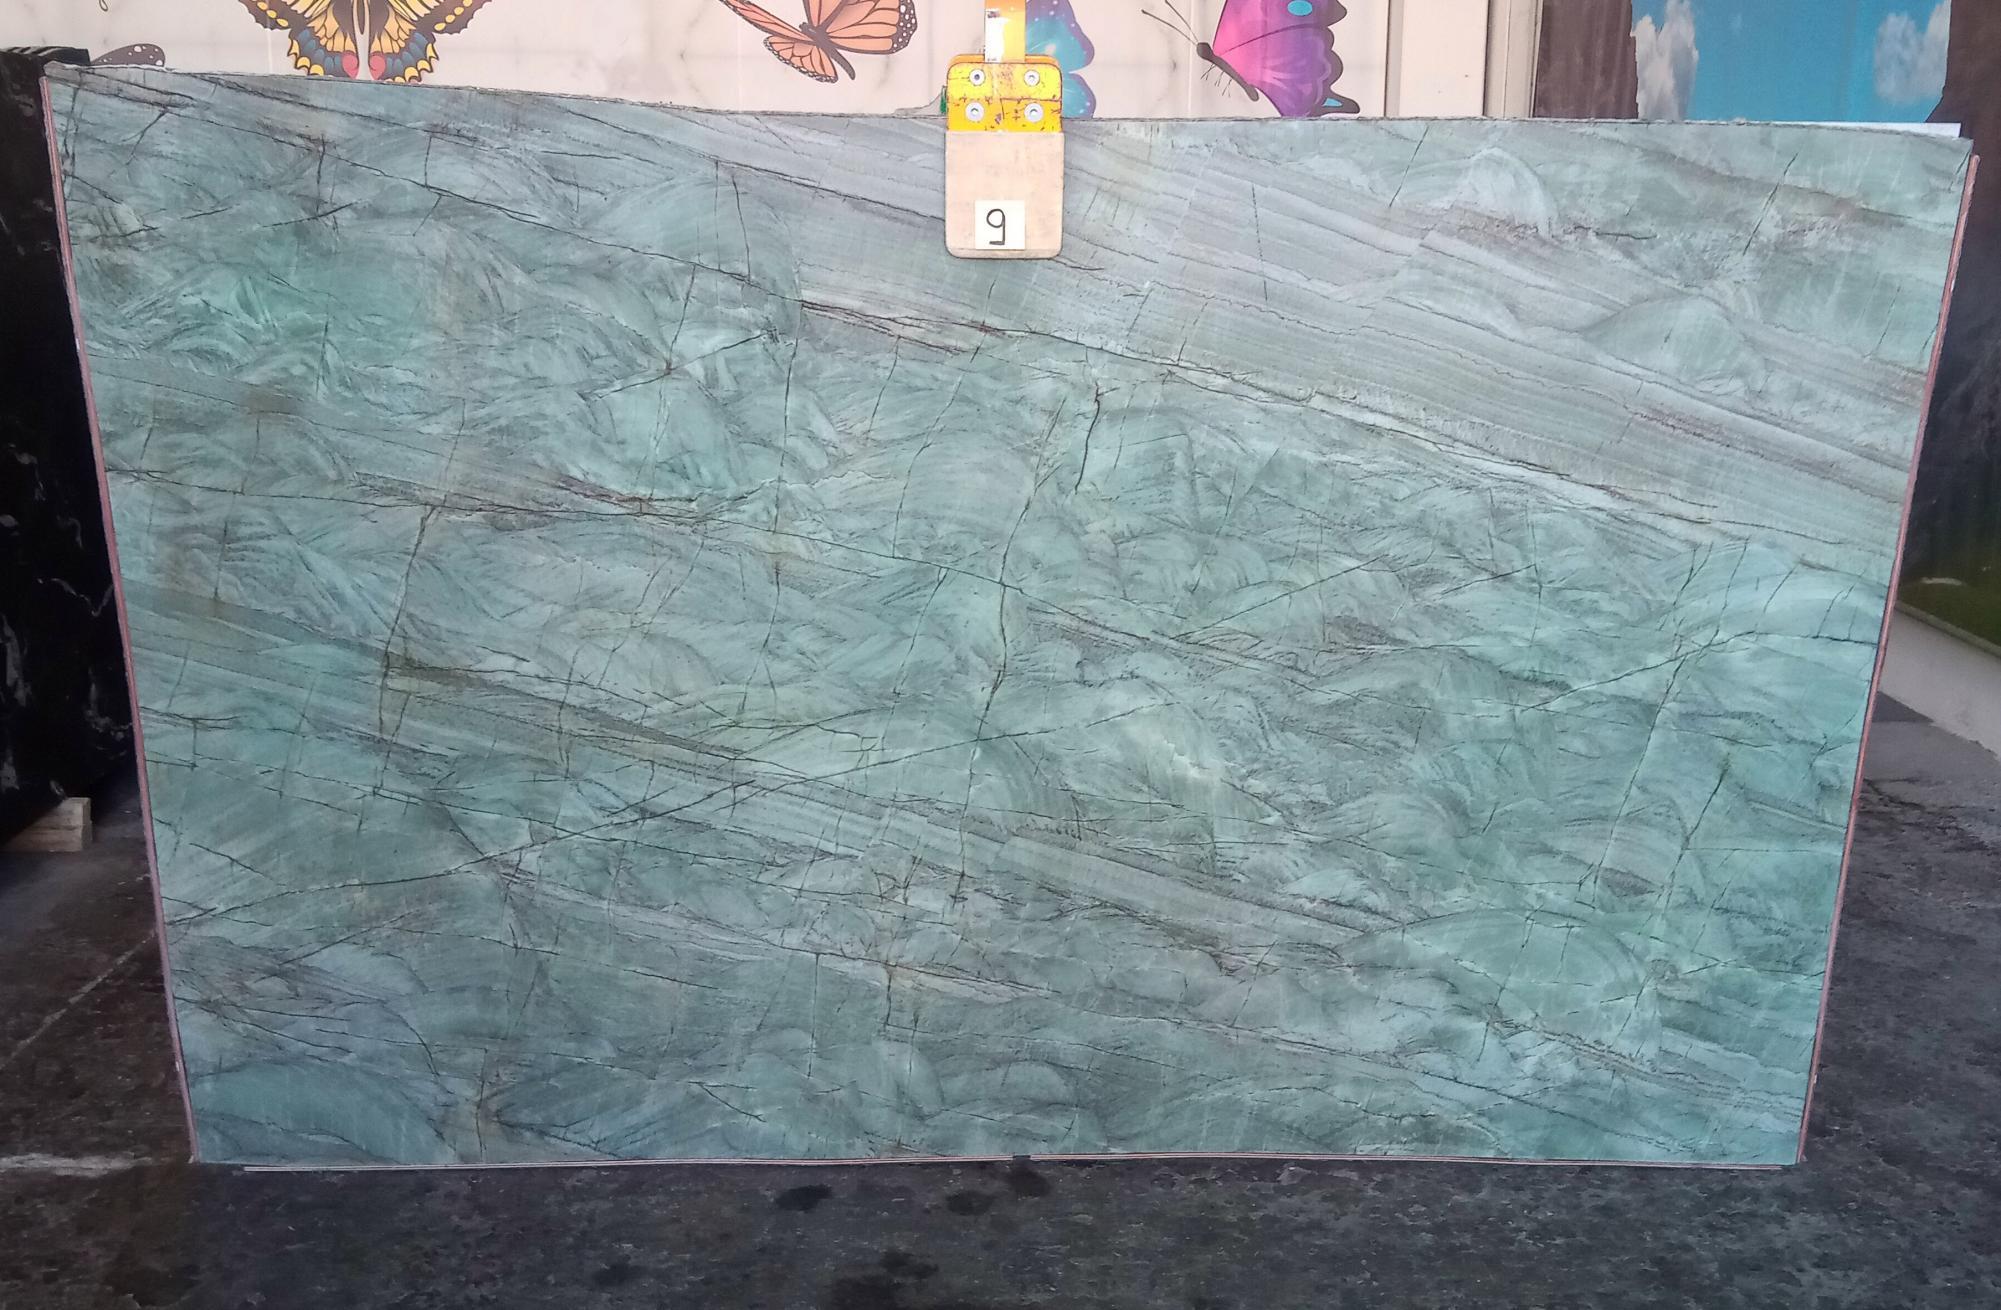 EMERALD GREEN polierte Unmaßplatten Z0209 aus Natur Quarzit , Slab #09: Lieferung Veneto, Italien